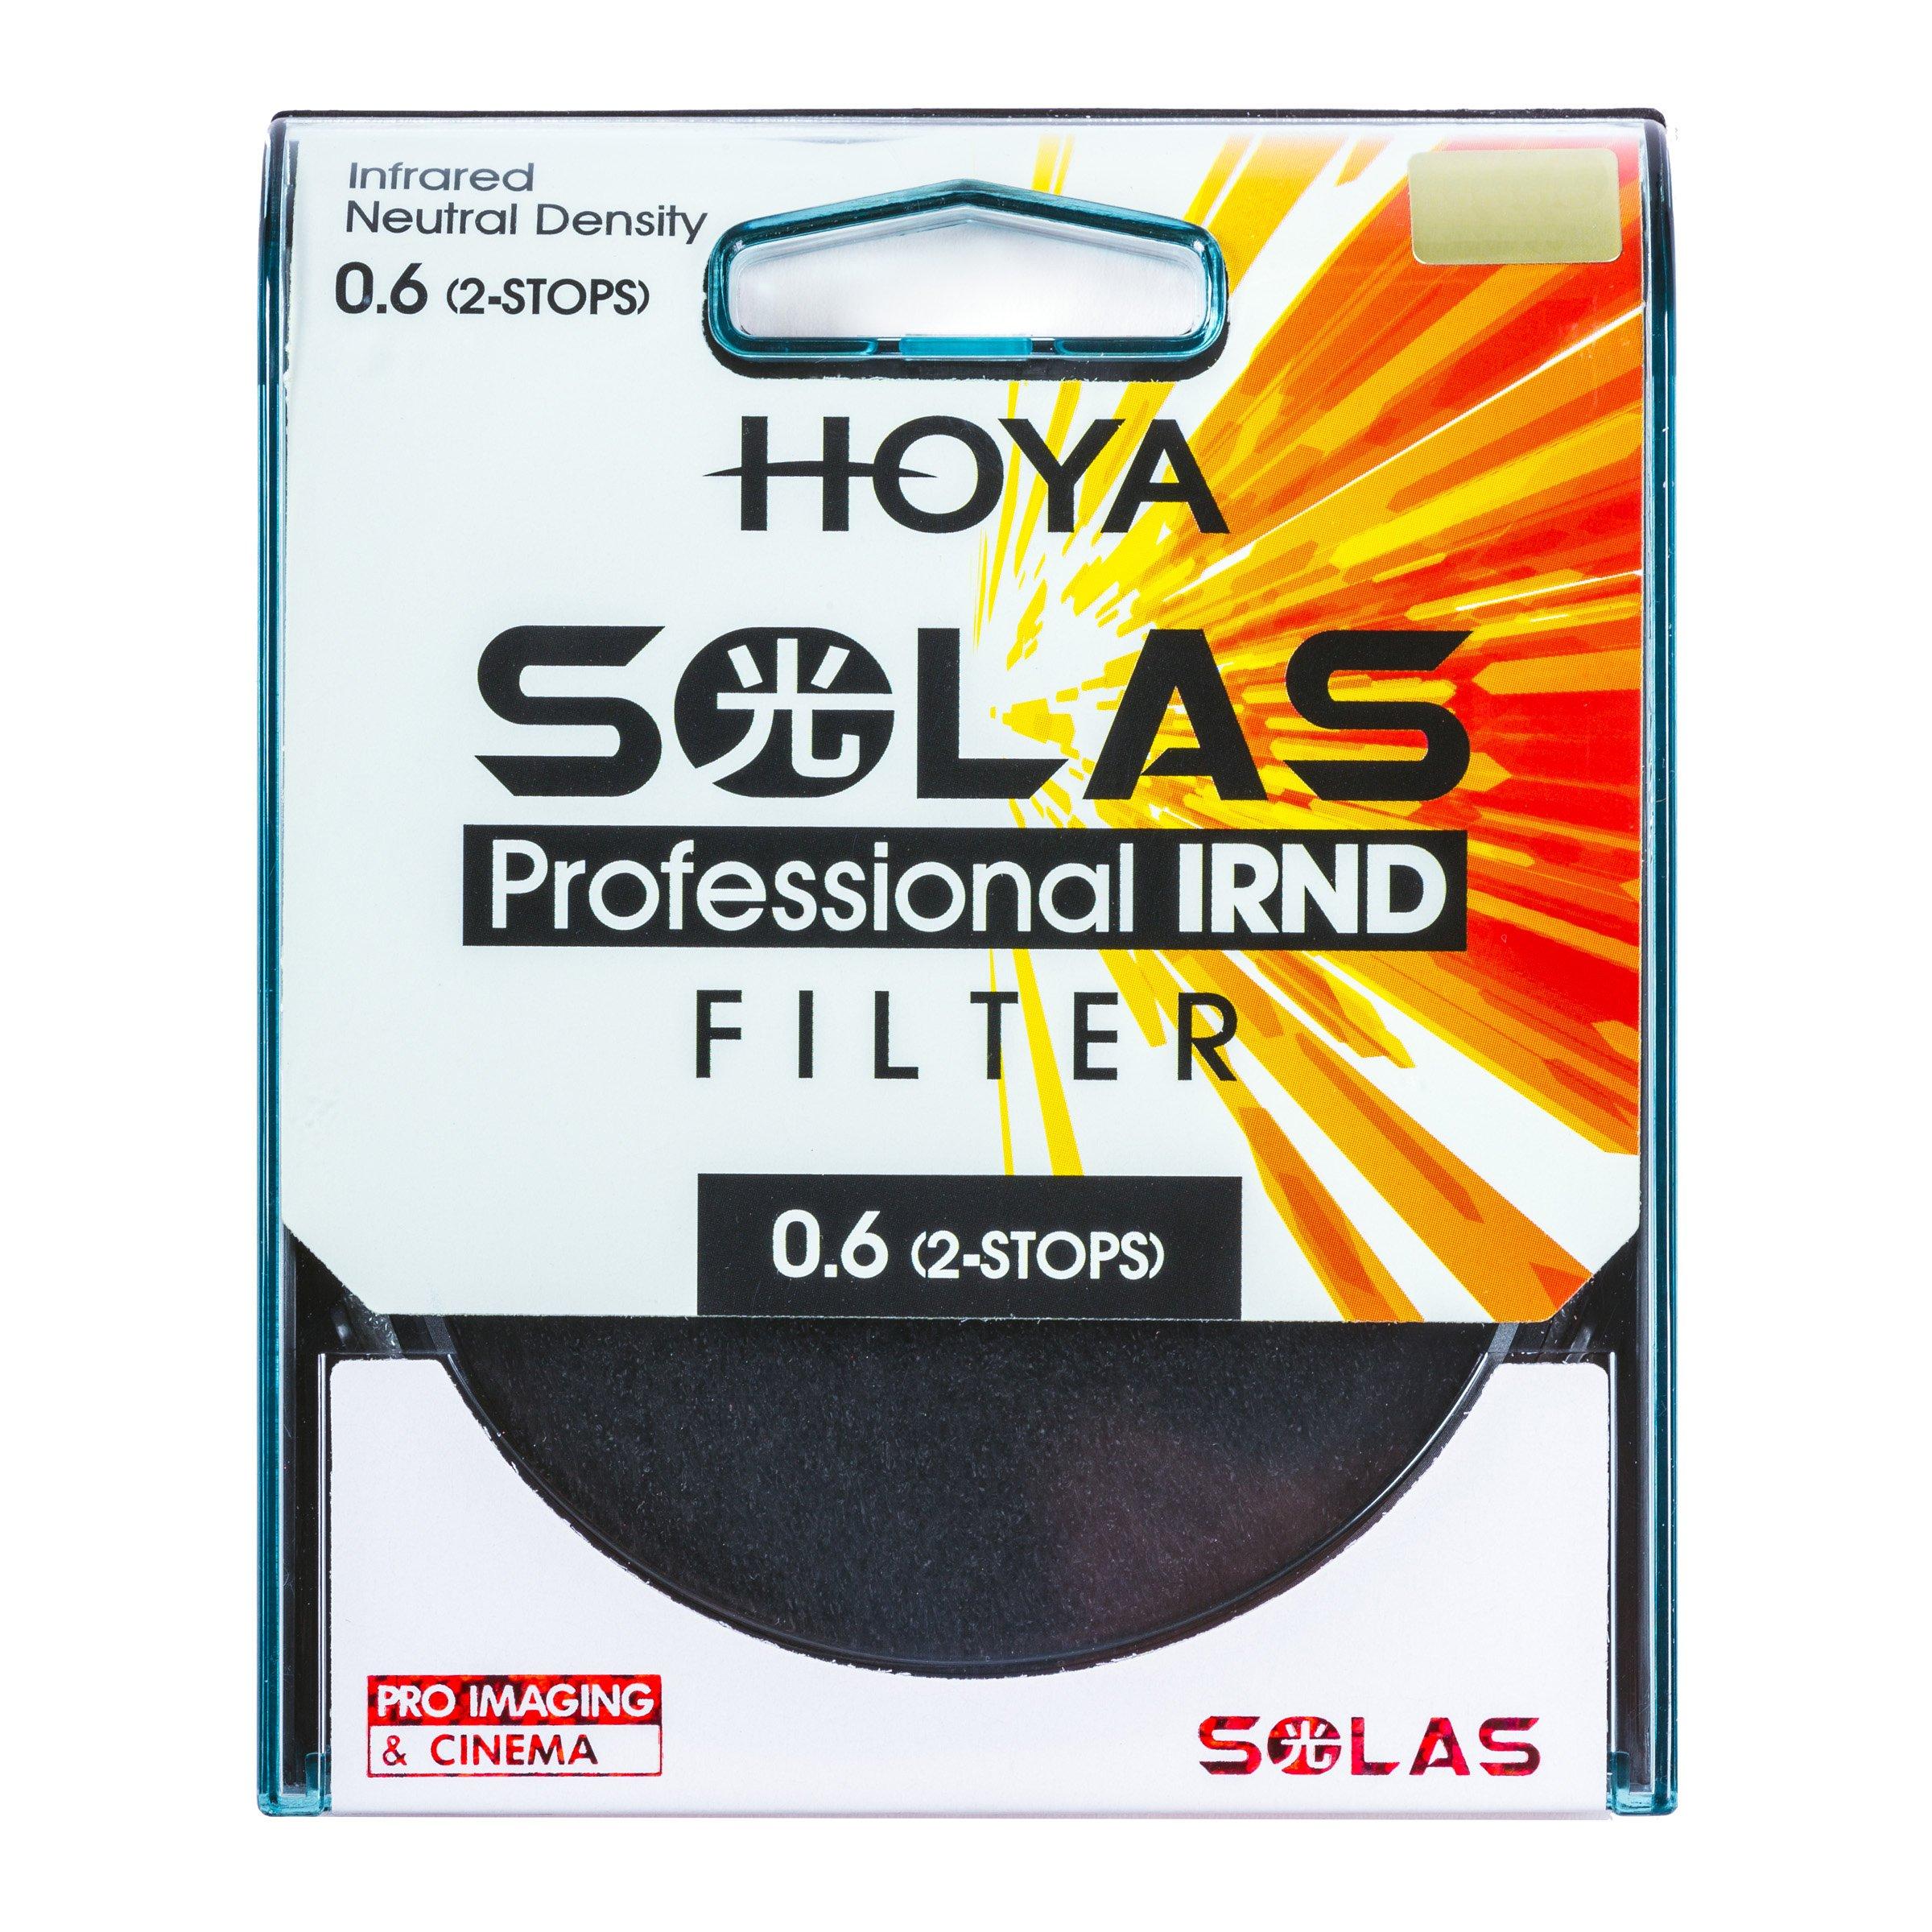 Hoya Solas IRND 0.6 52mm Infrared Neutral Density Filter